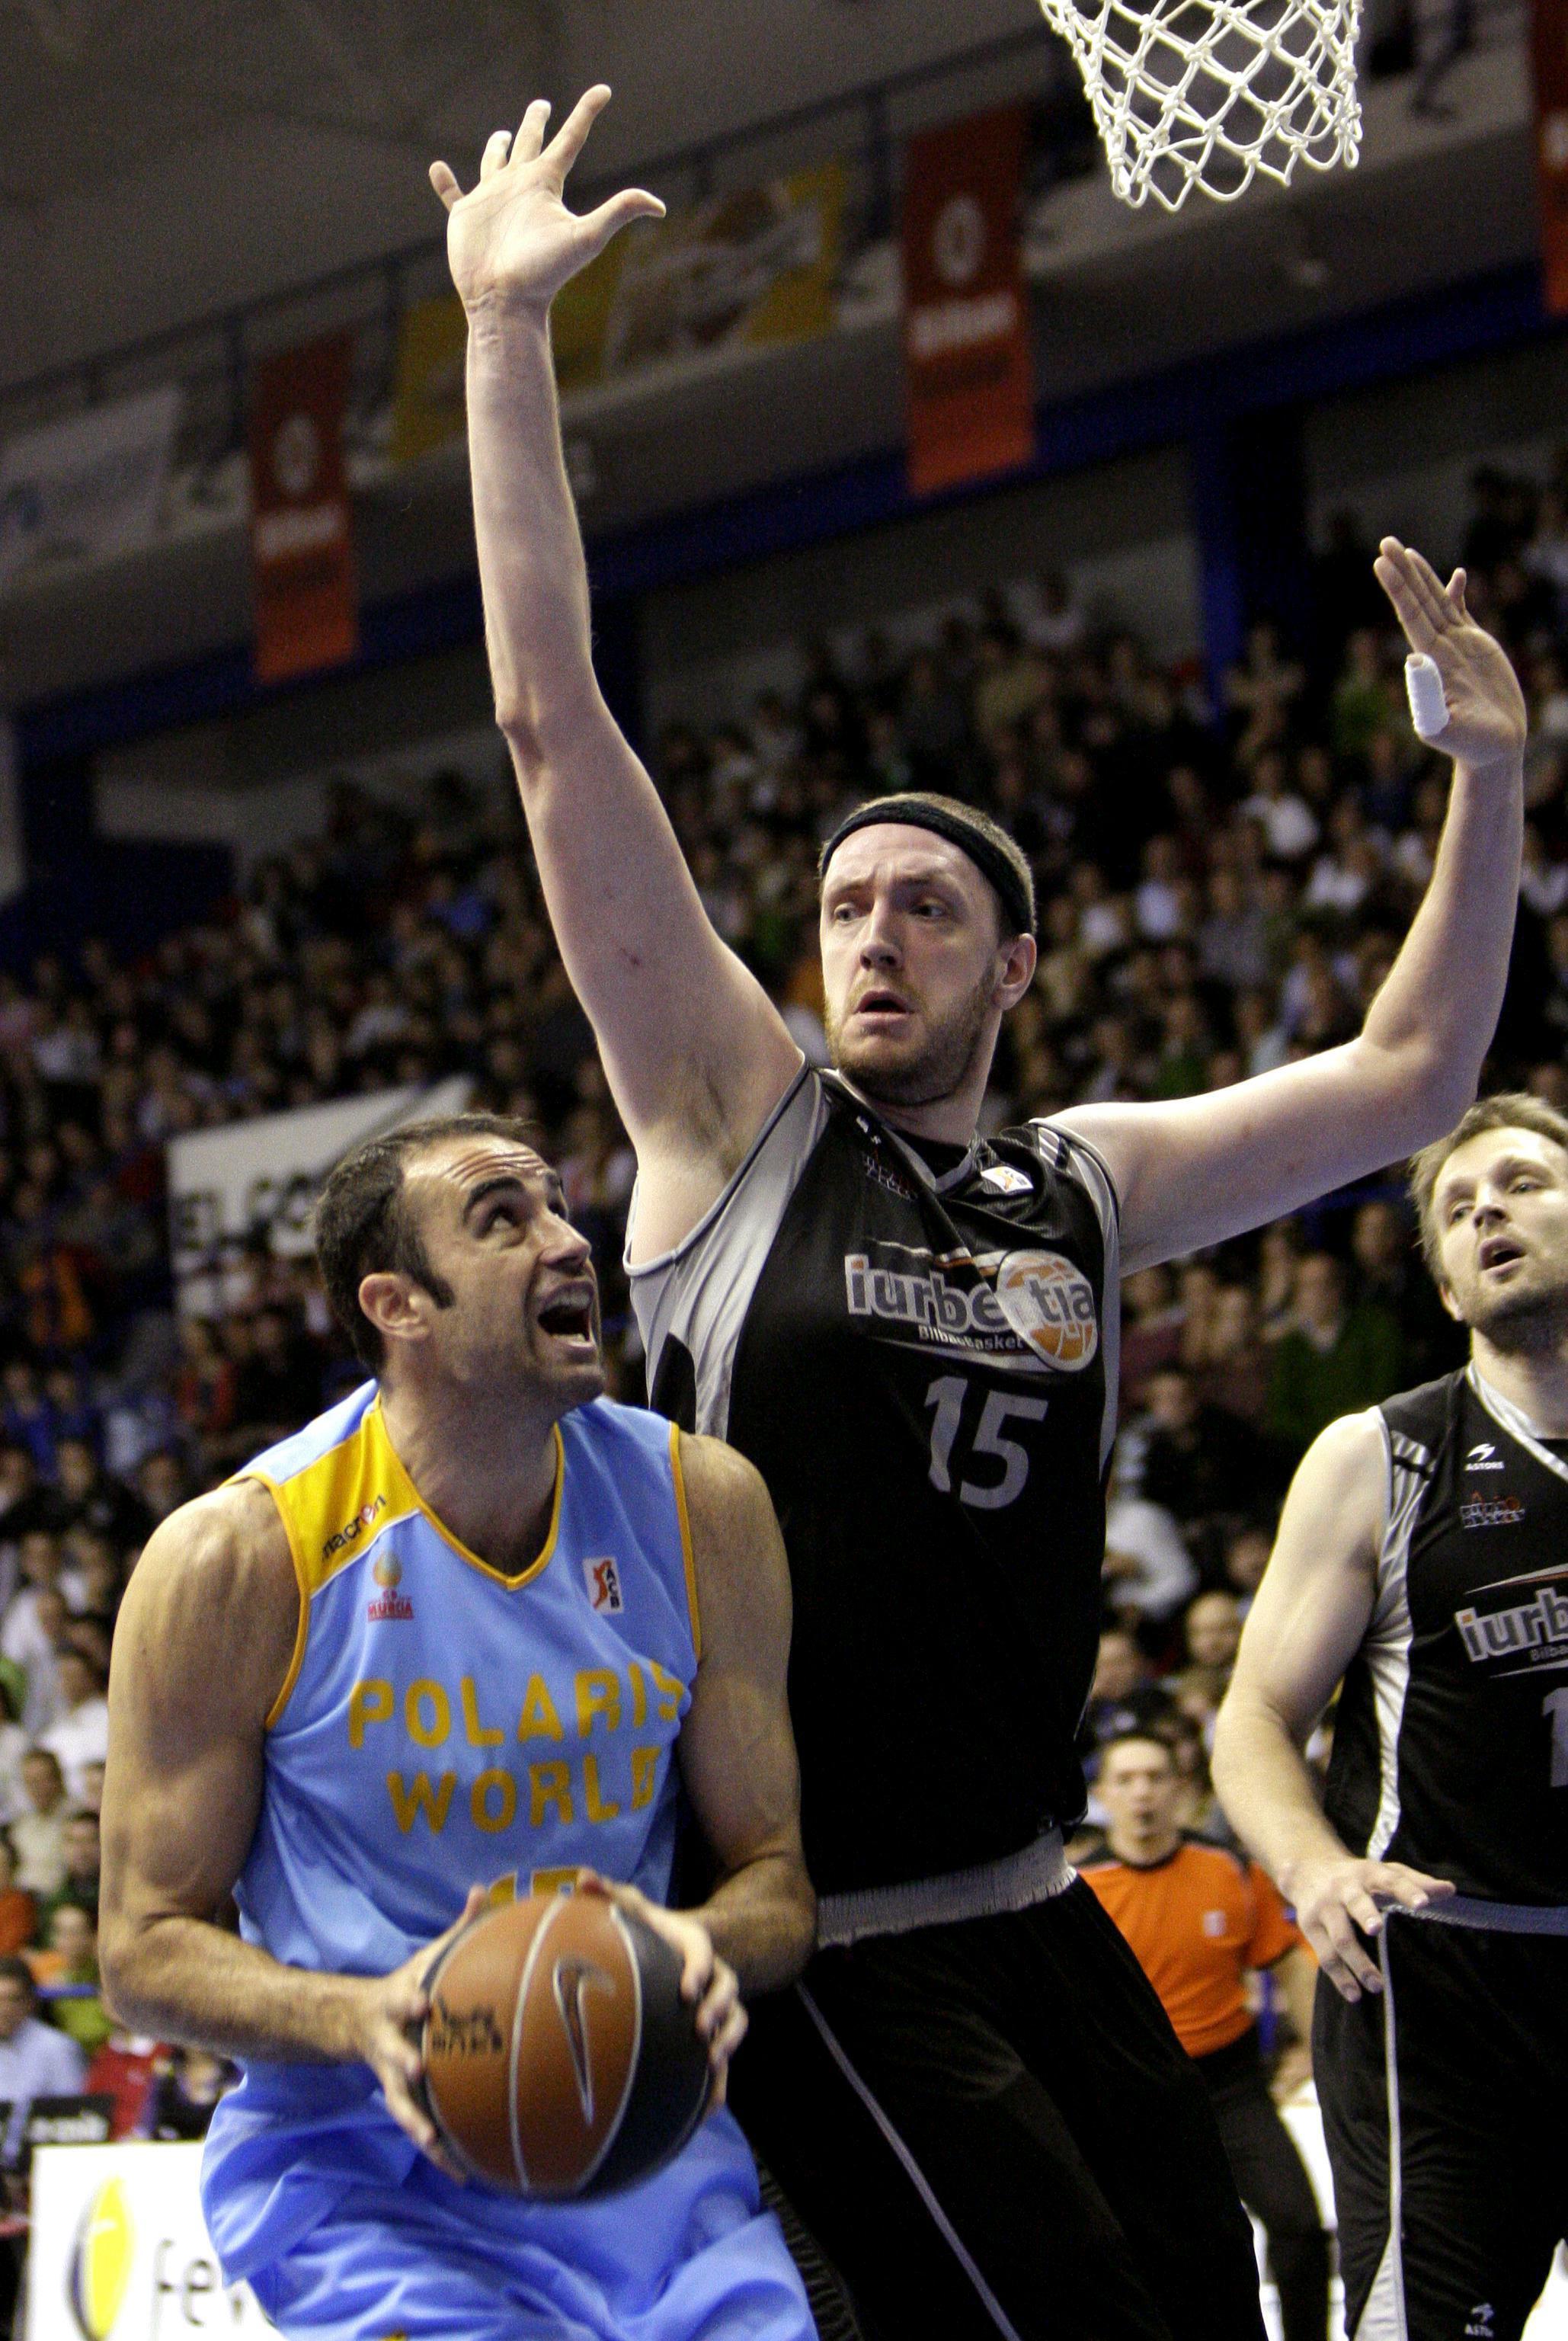 Weis intenta taponar a un rival en un Bilbao-Murcia de la ACB 2007/2008 (Archivo 20minutos).